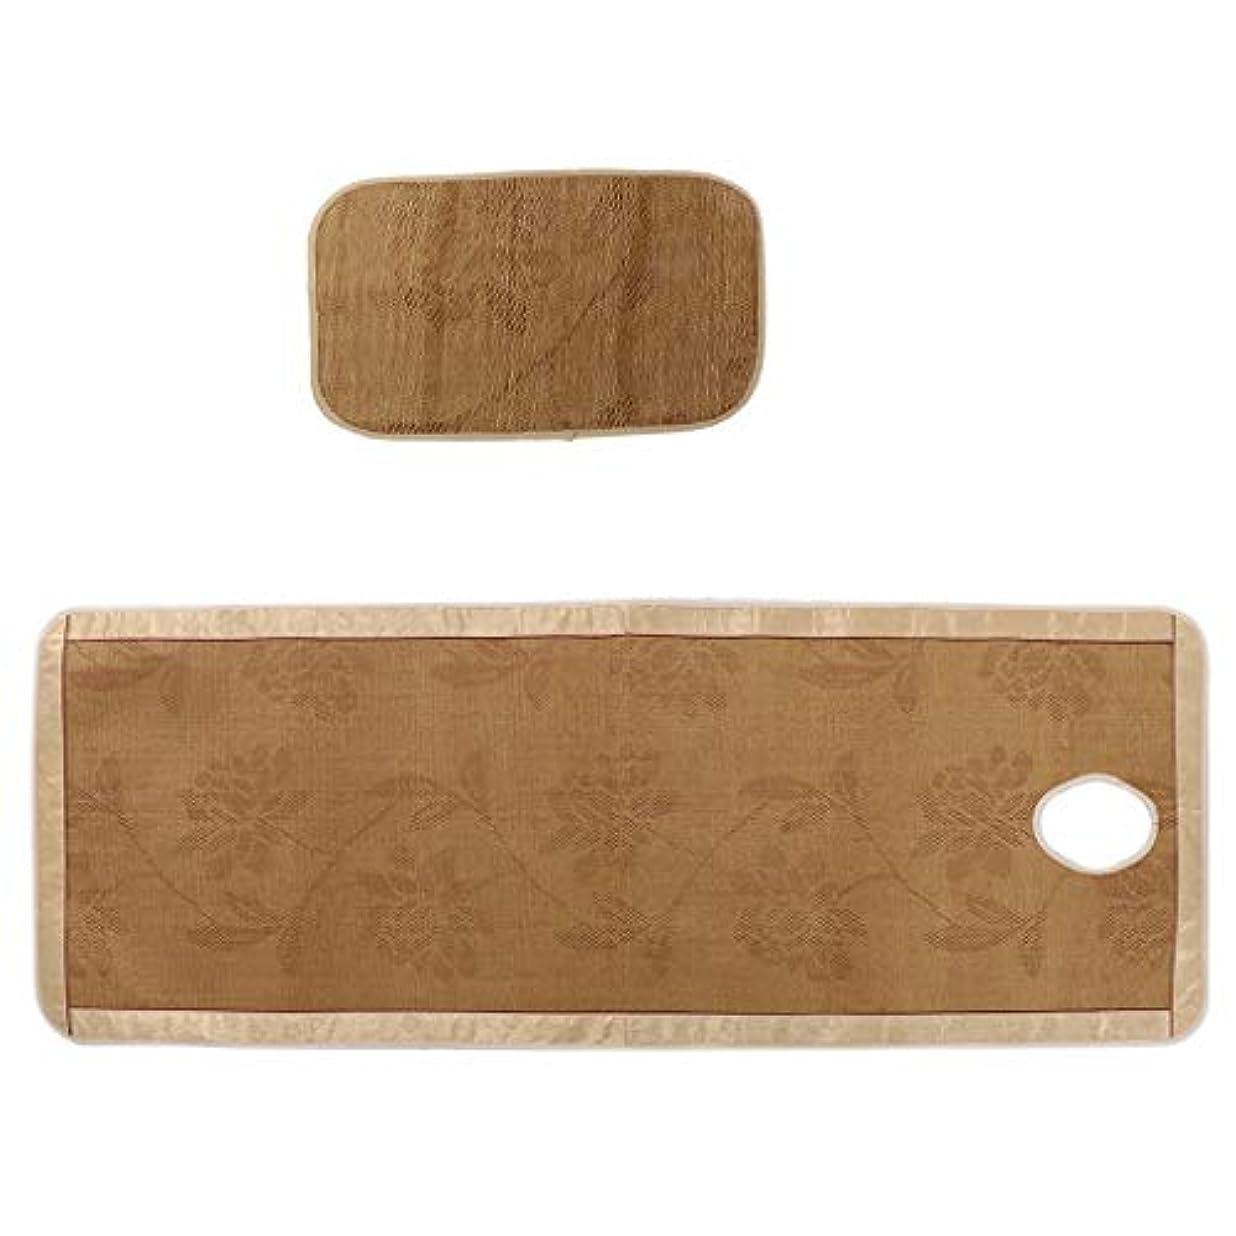 思いやり印象的死すべきマッサージ台 ベッドシーツ 枕カバー付き エステベッドカバー 接触冷感 クール 快適性 - フローラル1